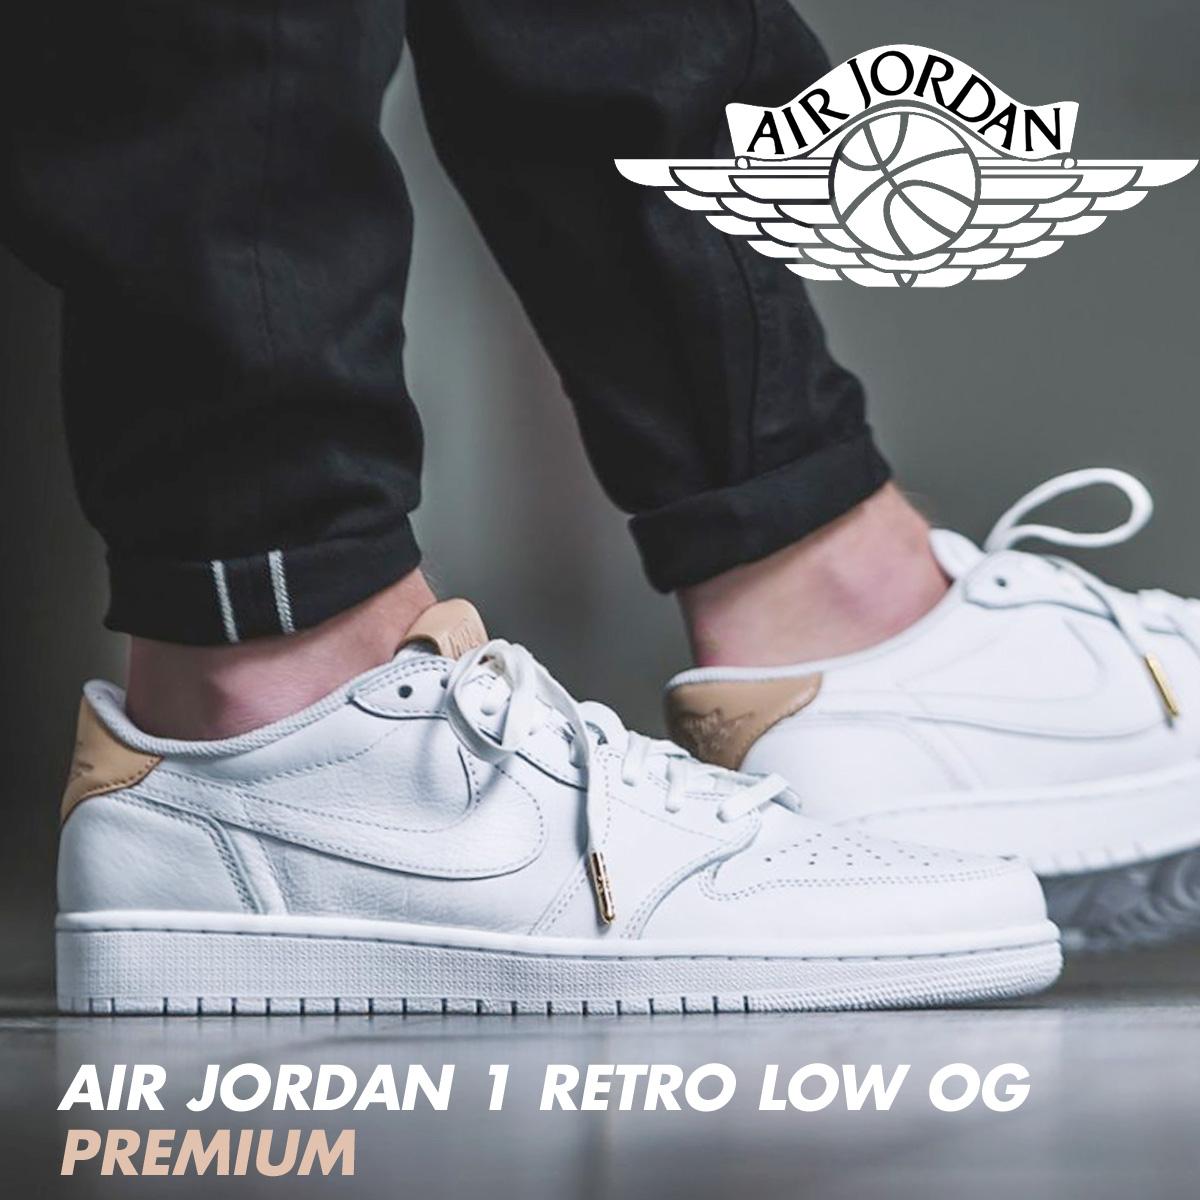 air jordan 1 retro low og